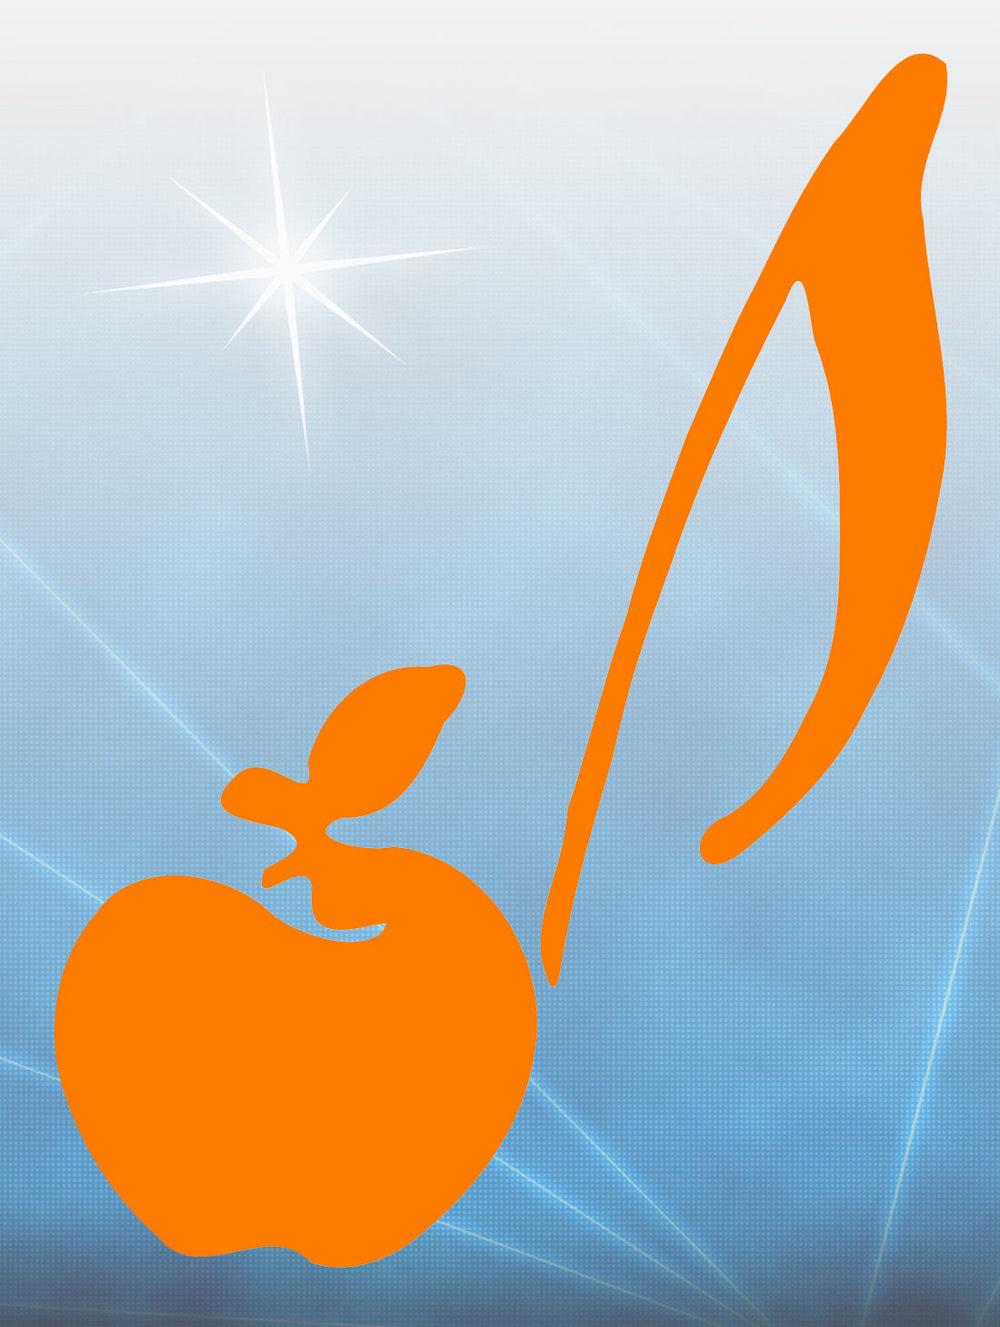 - Relation et communautéNous croyons que l'éducation musicale aide aux étudiants à établir des relations importantes avec d'autres. L'éducation musicale possède le potentiel de forger un sentiment d'appartenance à la communauté au sein d'un établissement scolaire et de tisser des liens avec la communauté plus large.CollaborationNous croyons qu'une collaboration parmi les enseignants de musique ainsi qu'entre les parents, l'industrie de la musique, les responsables en éducation, les intervenants et les autres enseignants est essentielle au développement futur des initiatives concernant l'éducation musicale.